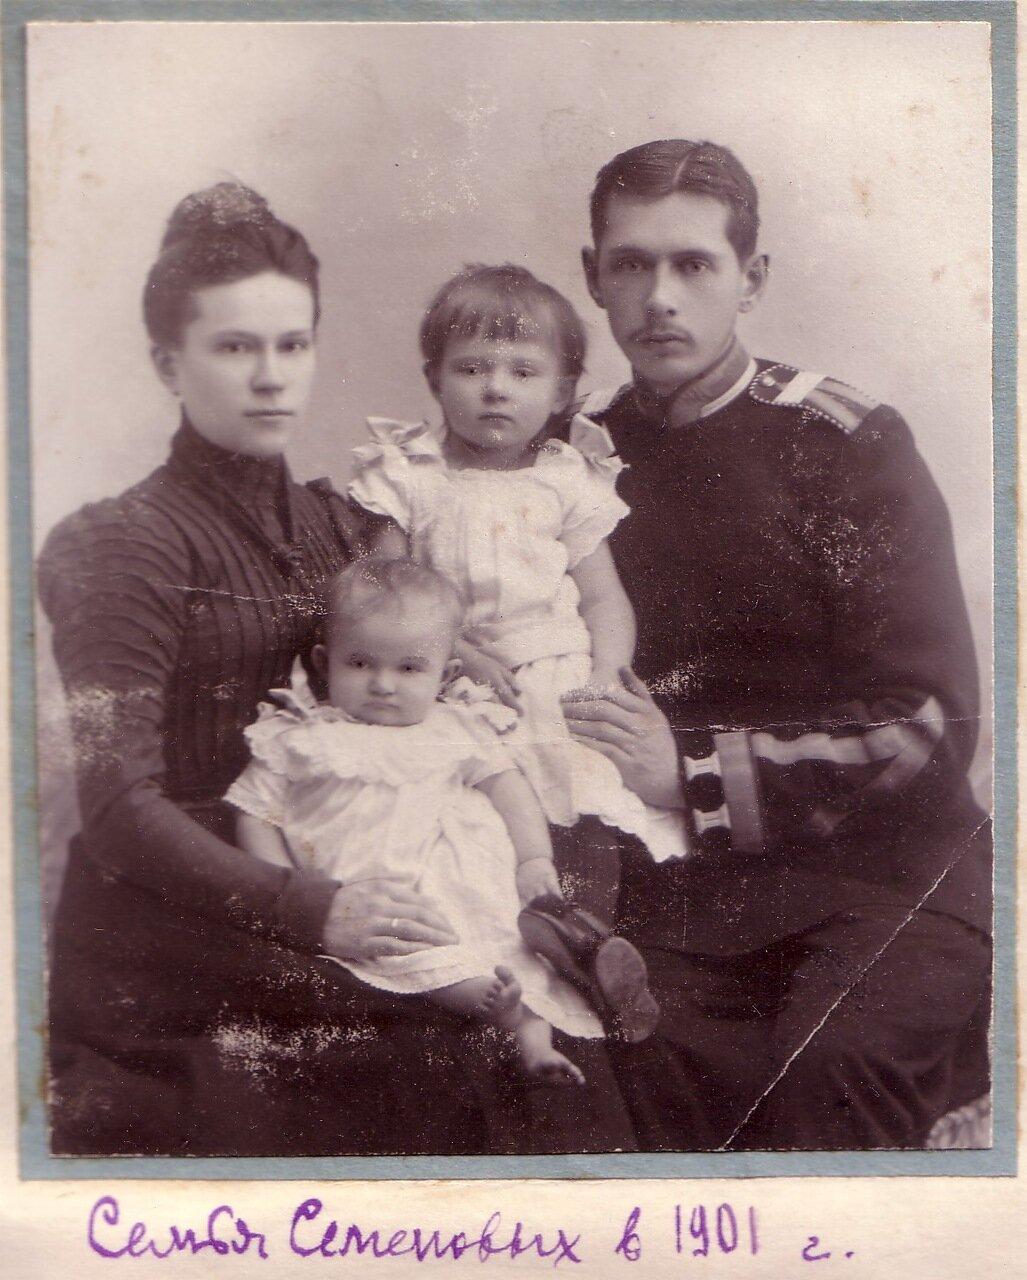 Семья Семеновых (семья будущей жены Вержбицкого) в 1901 году